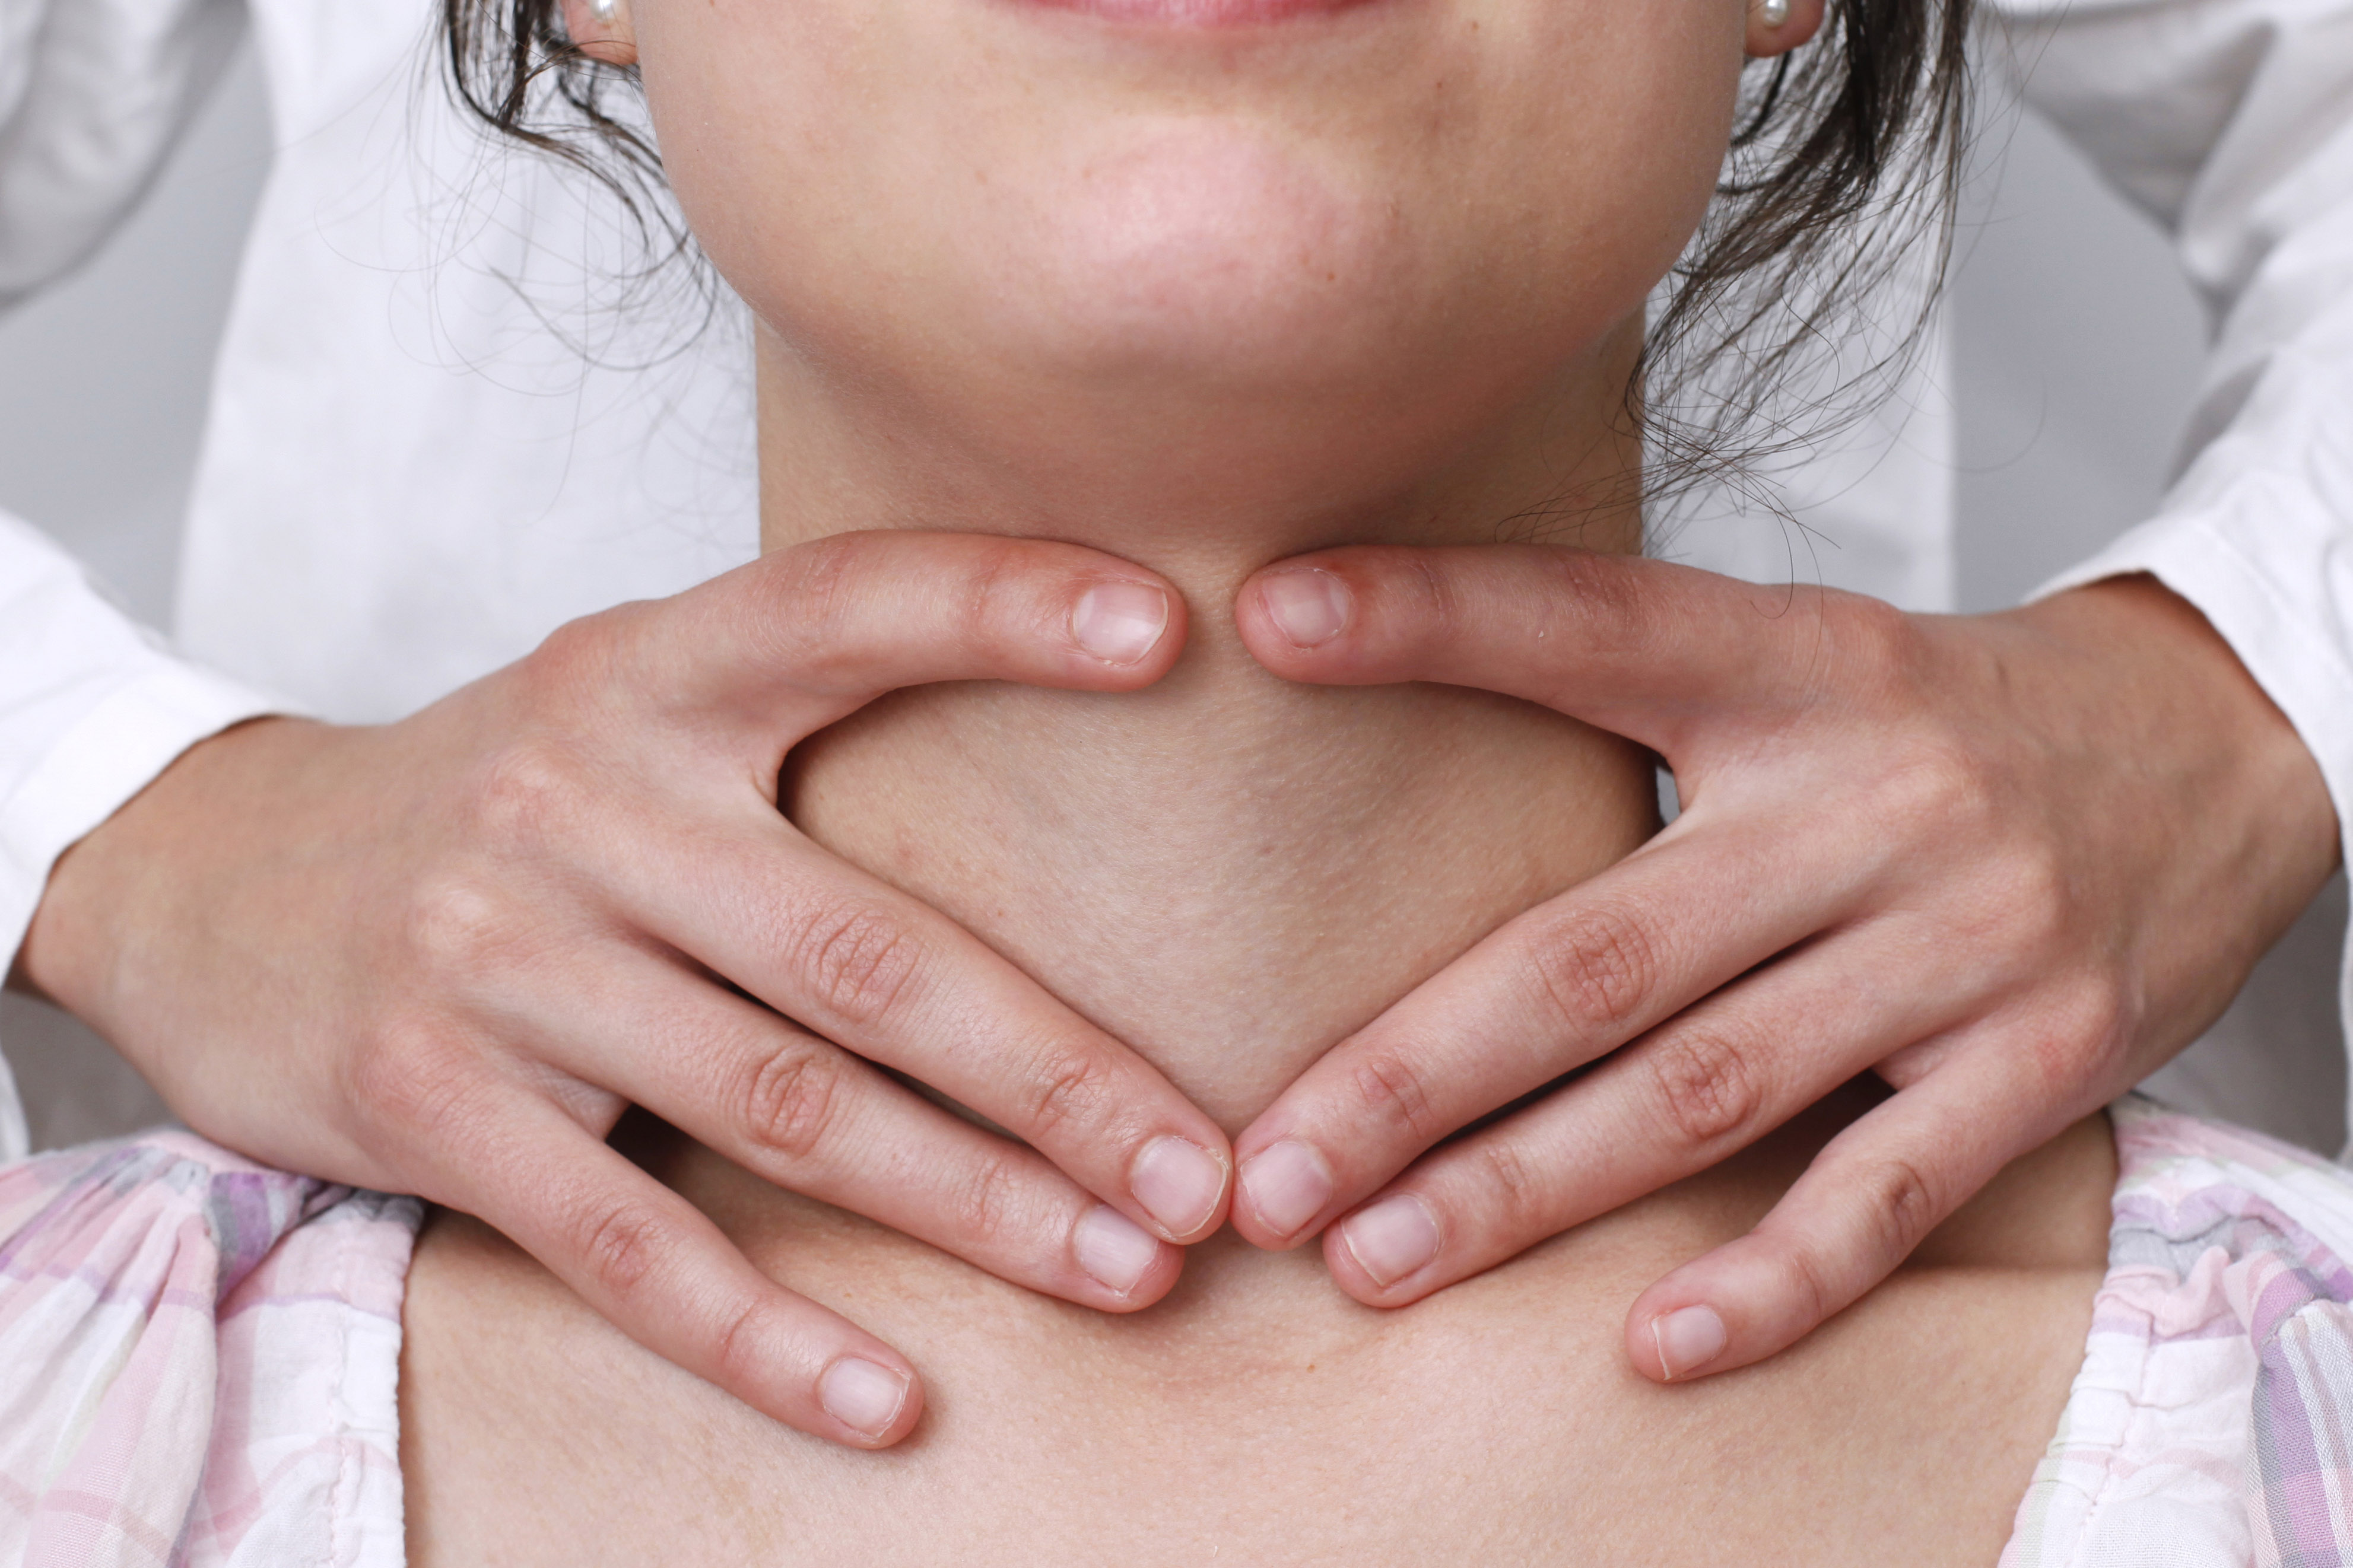 Linfonodi collo ingrossati: scopri le cause e come intervenire